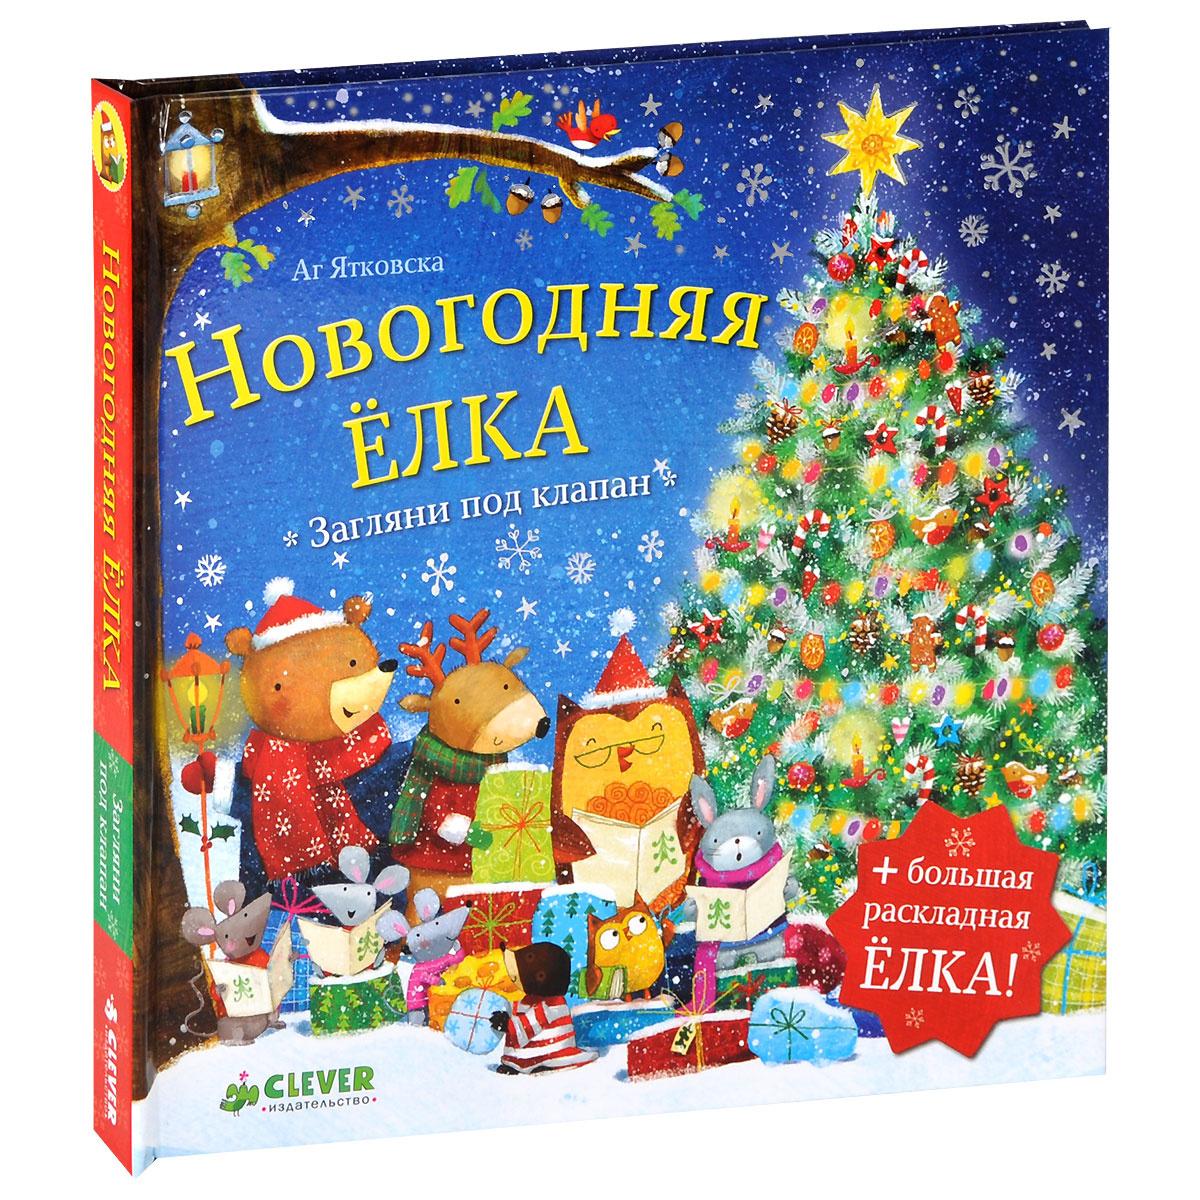 Новогодняя елка   Ятковска Аг #1